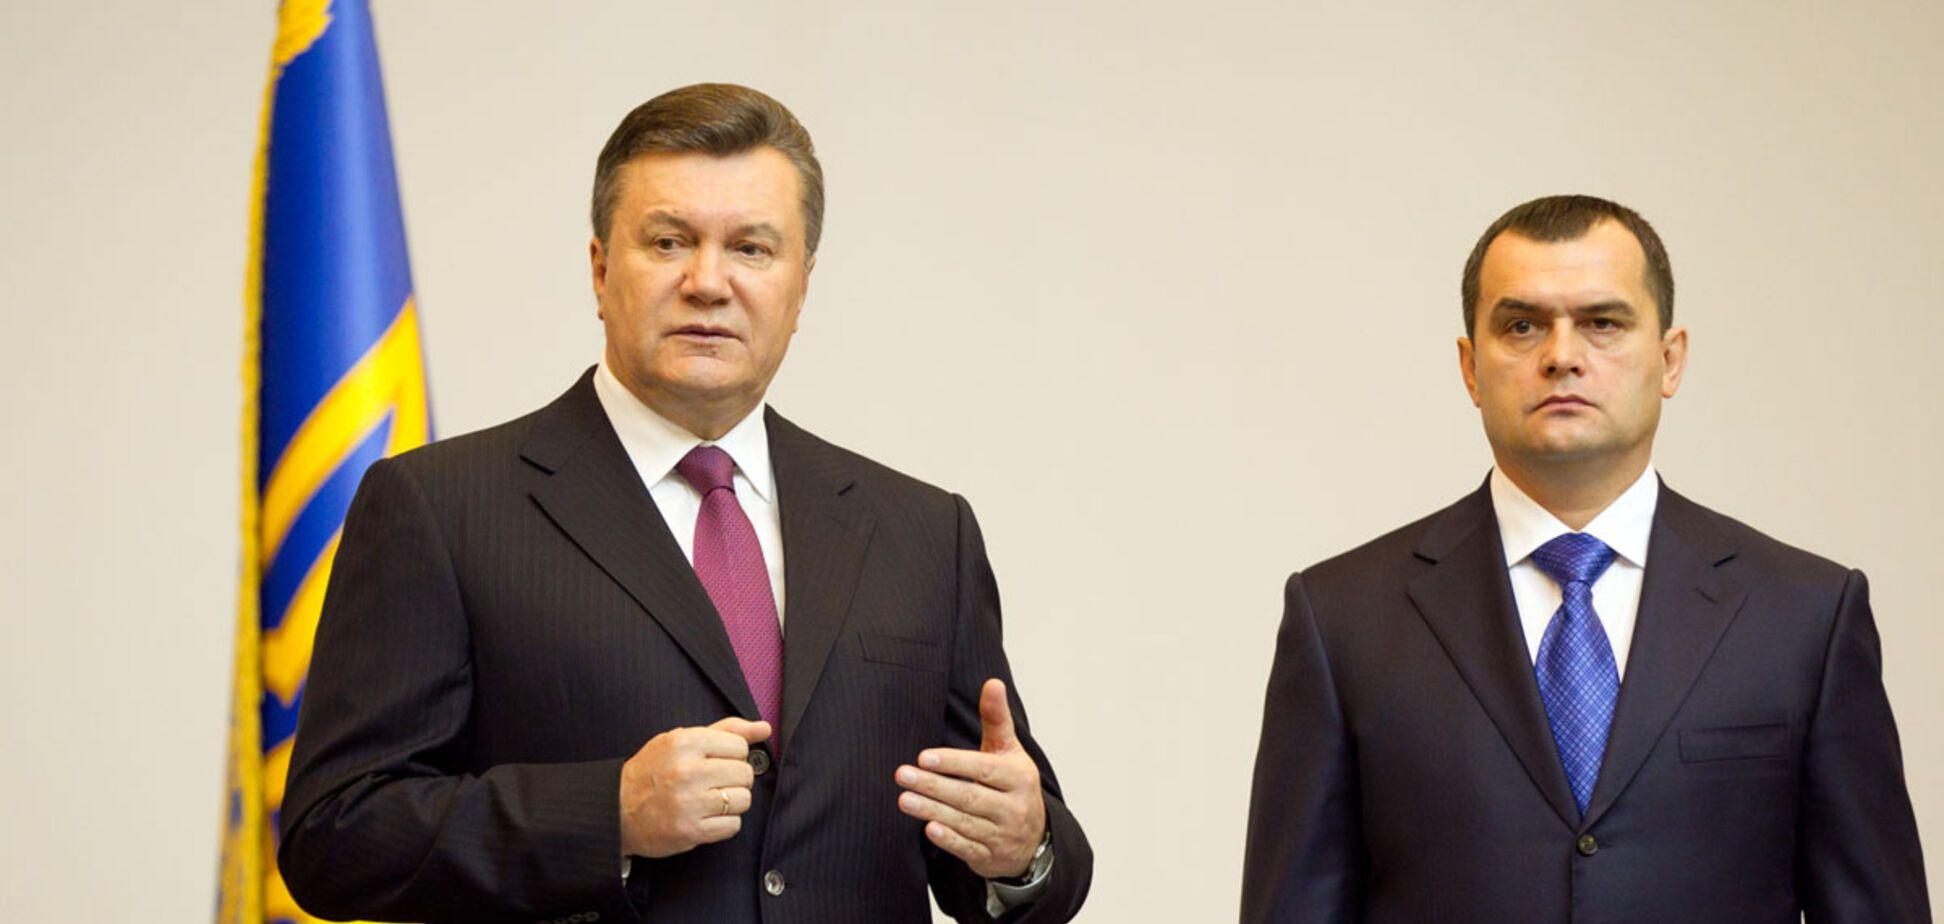 Справа про викрадення: ГПУ викликала на допит Януковича і Захарченка